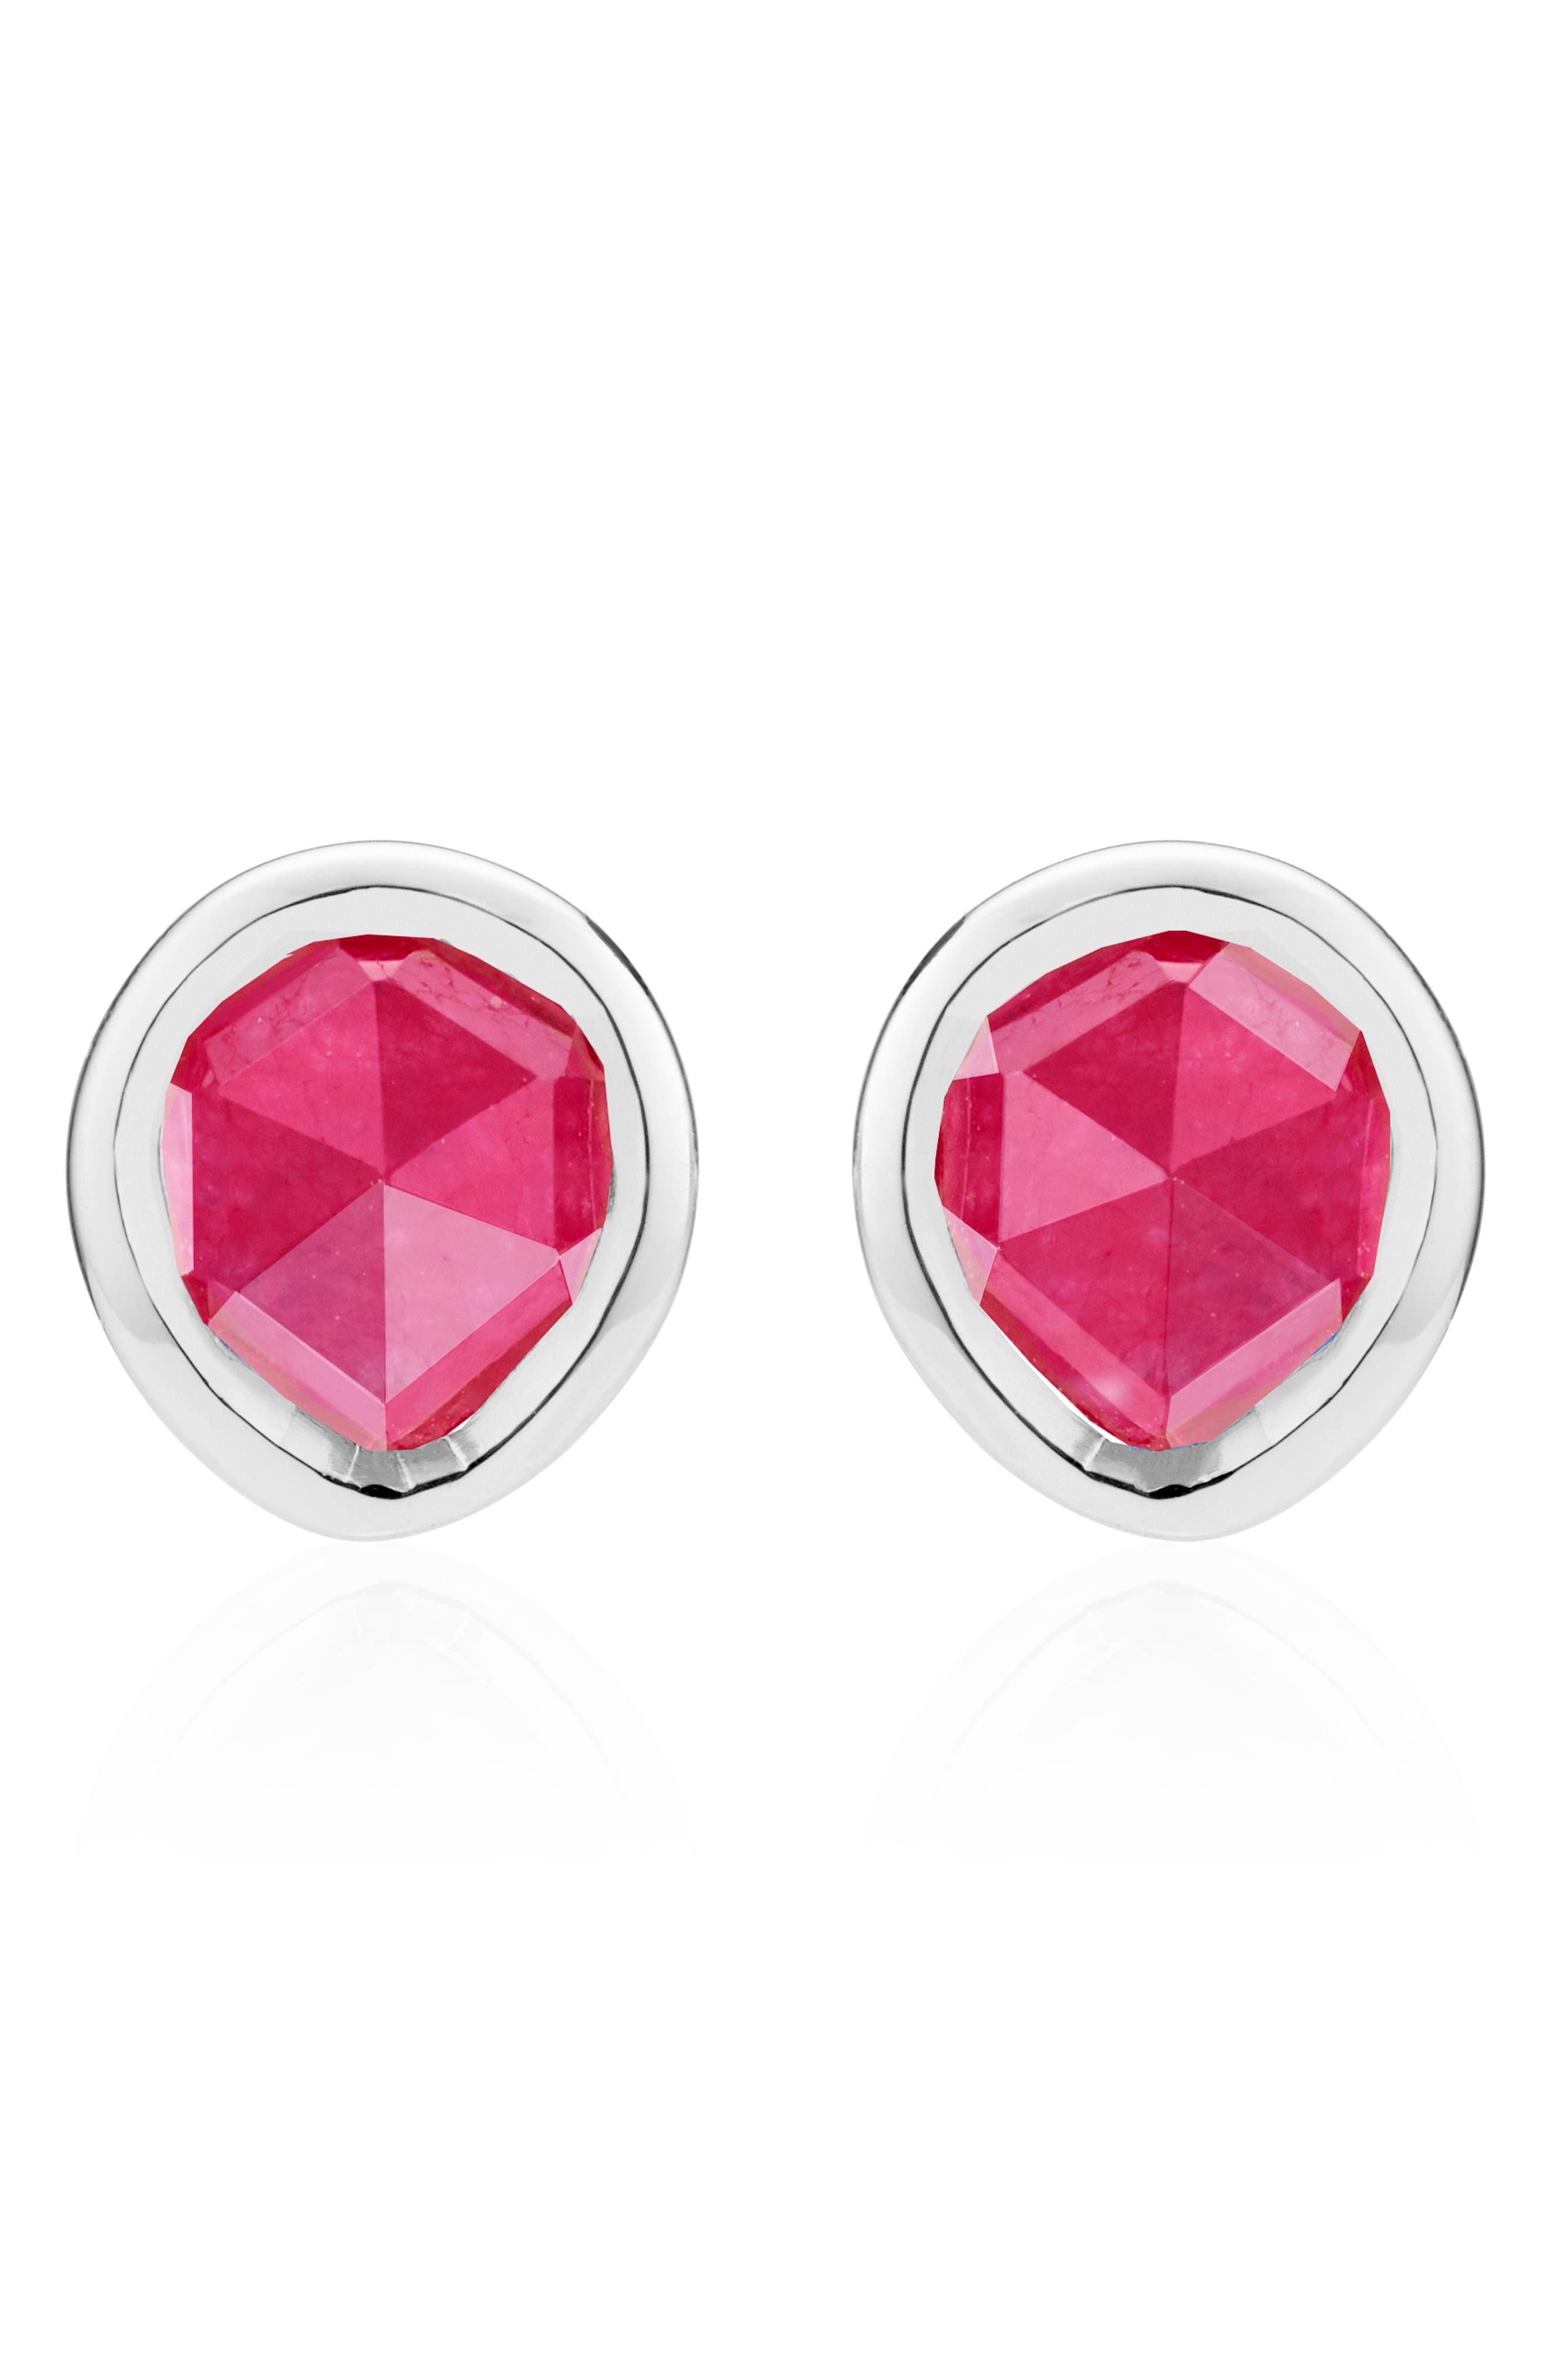 Siren Mini Stud Earrings,                             Main thumbnail 1, color,                             Silver/ Pink Quartz